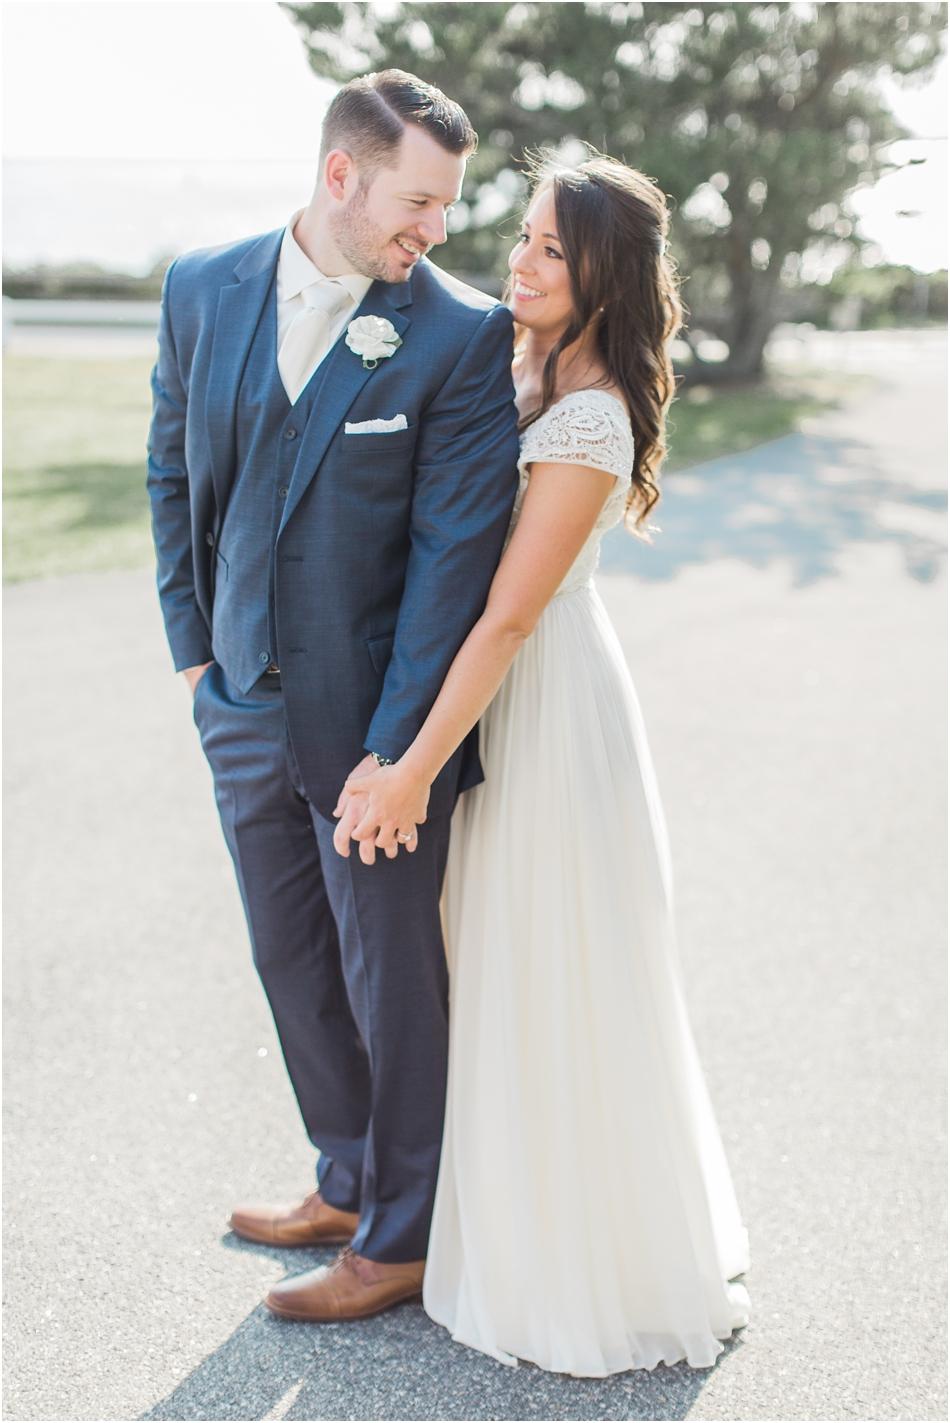 popponessett_inn_new_seabury_natasha_matt_cape_cod_boston_new_england_wedding_photographer_Meredith_Jane_Photography_photo_2433.jpg